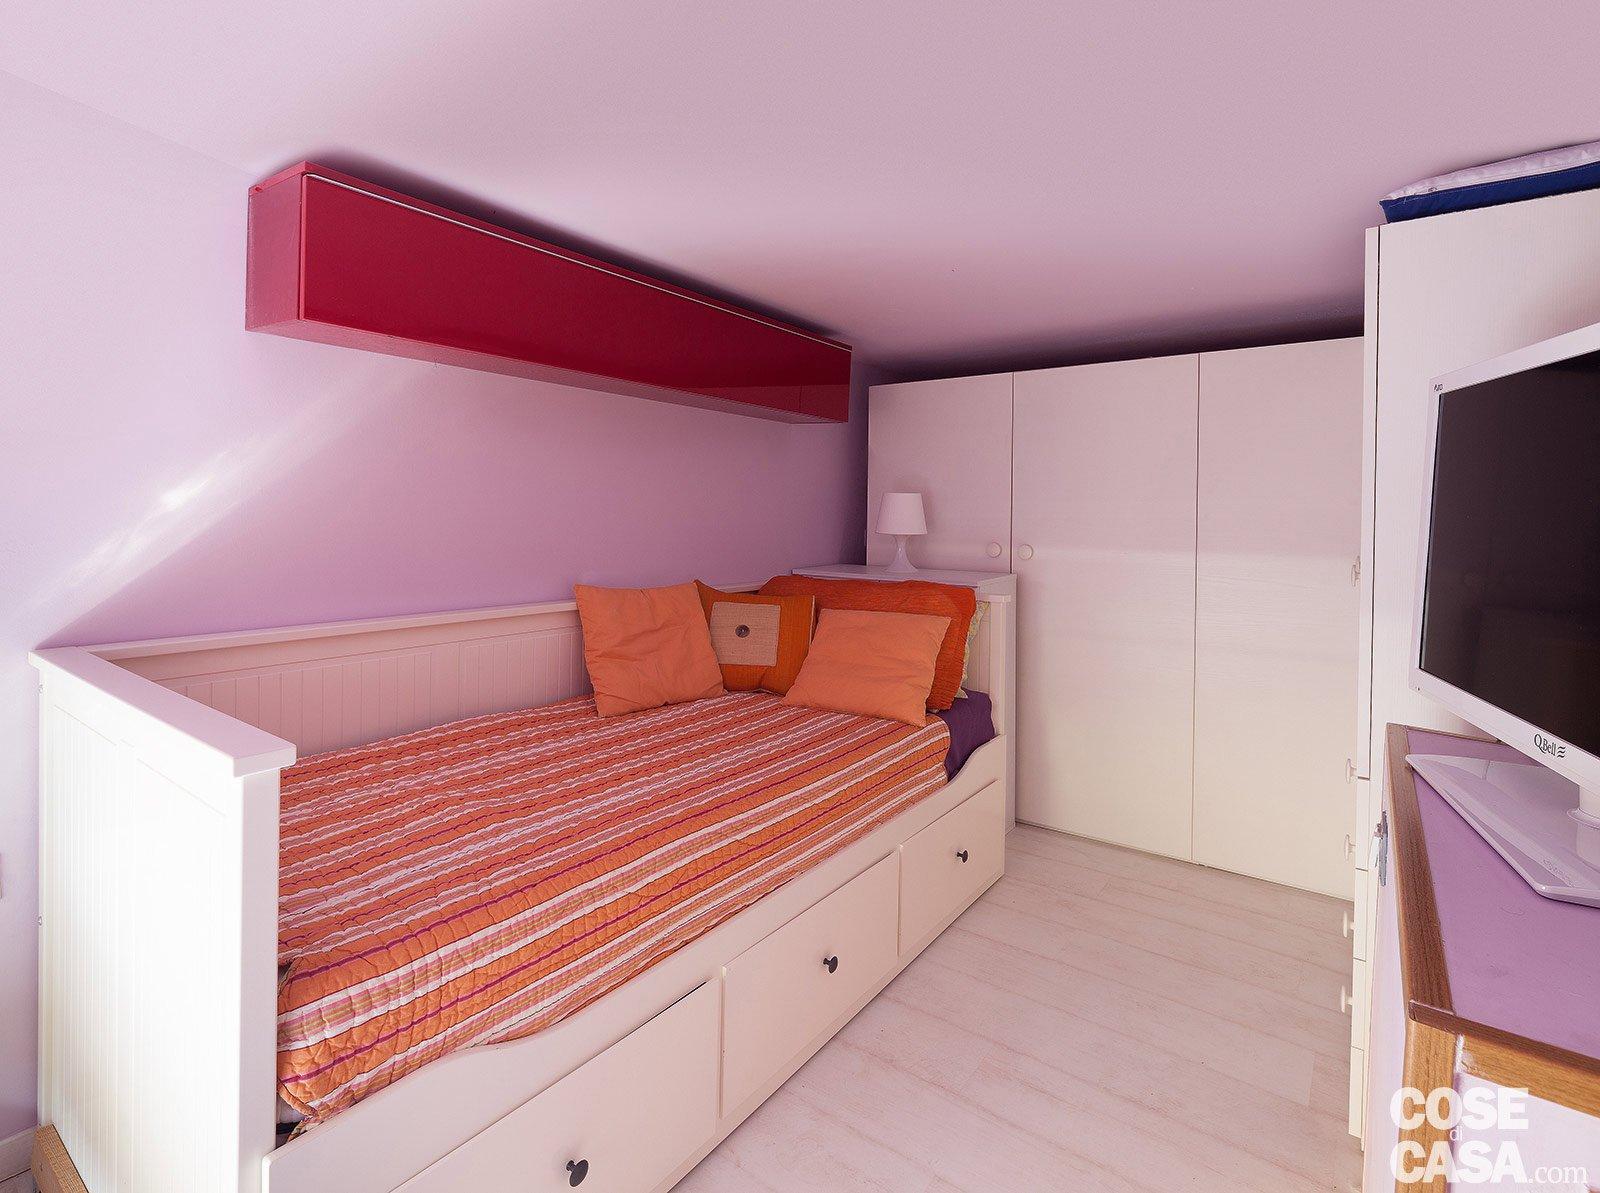 21 mq utilizzati al centimetro cose di casa - Planner ikea camera da letto ...